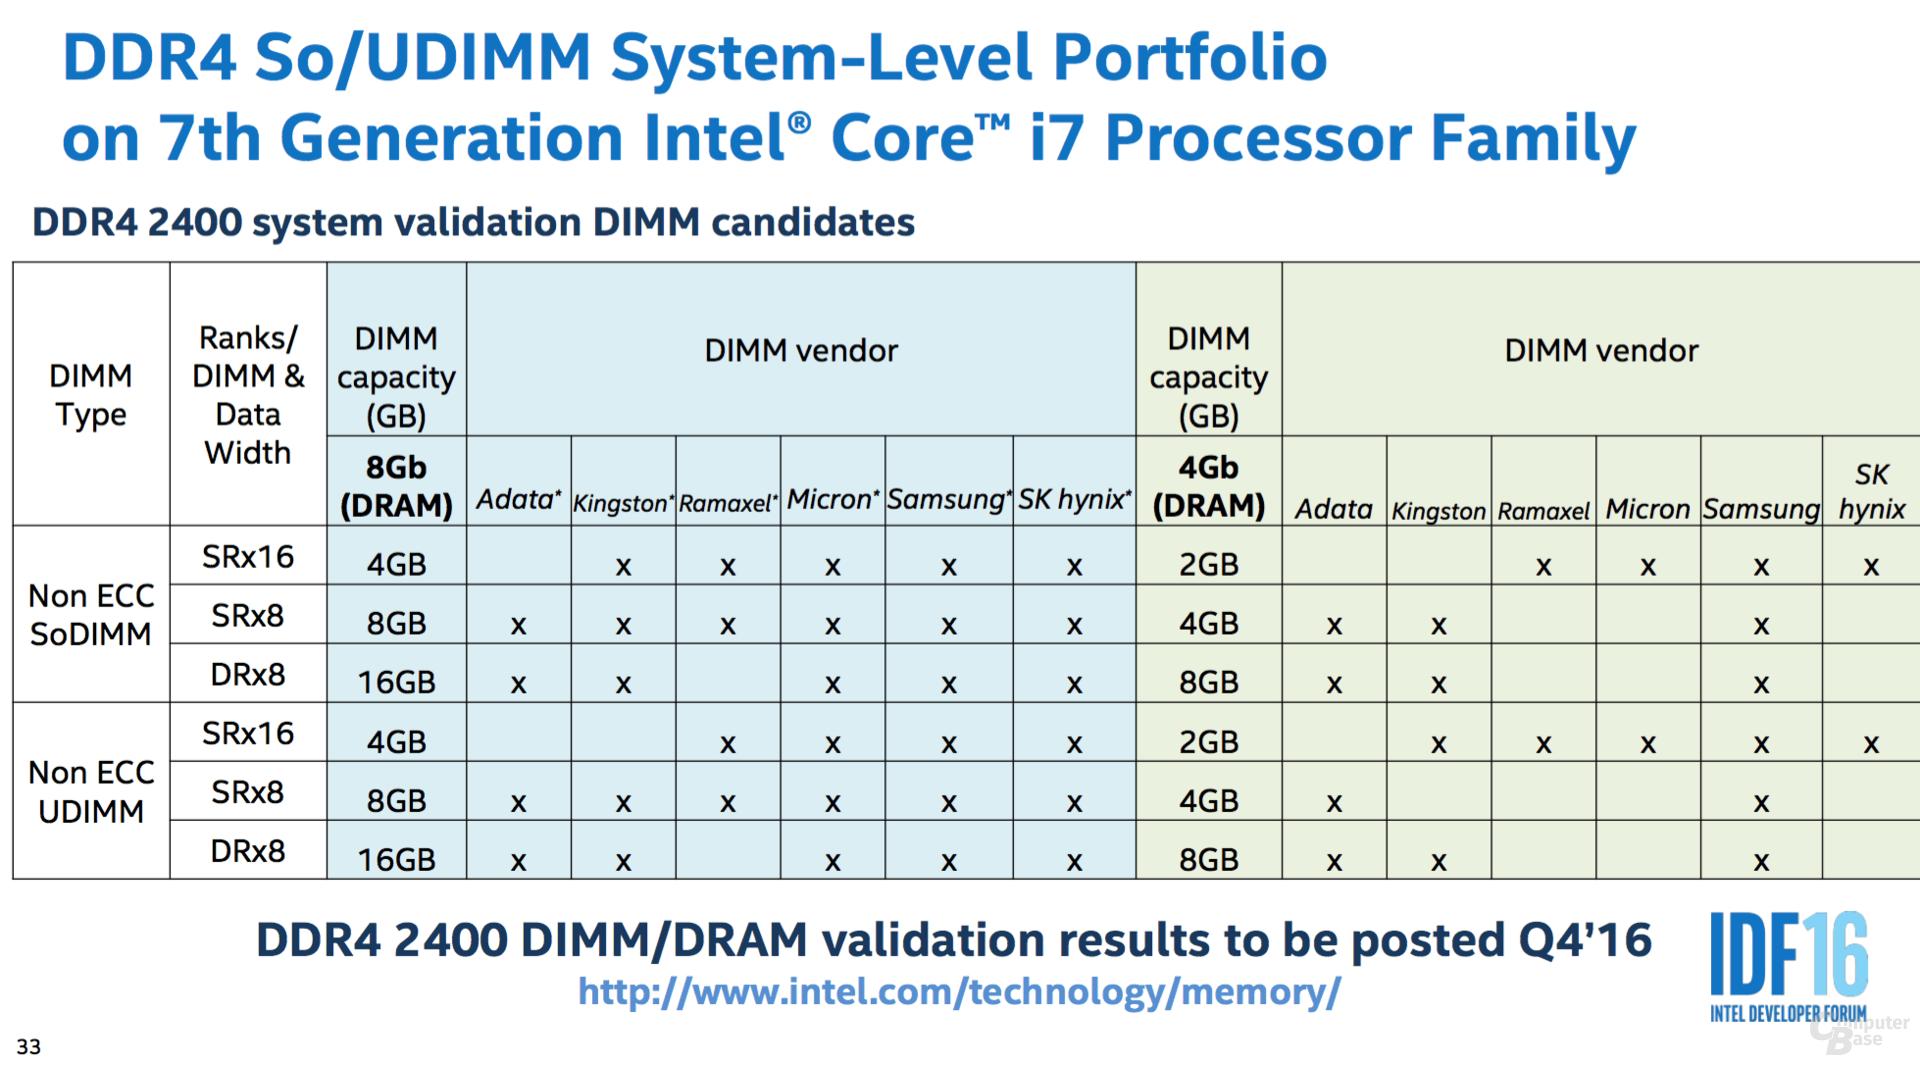 Validierung für DDR4-2400 in Q4/2016 abgeschlossen